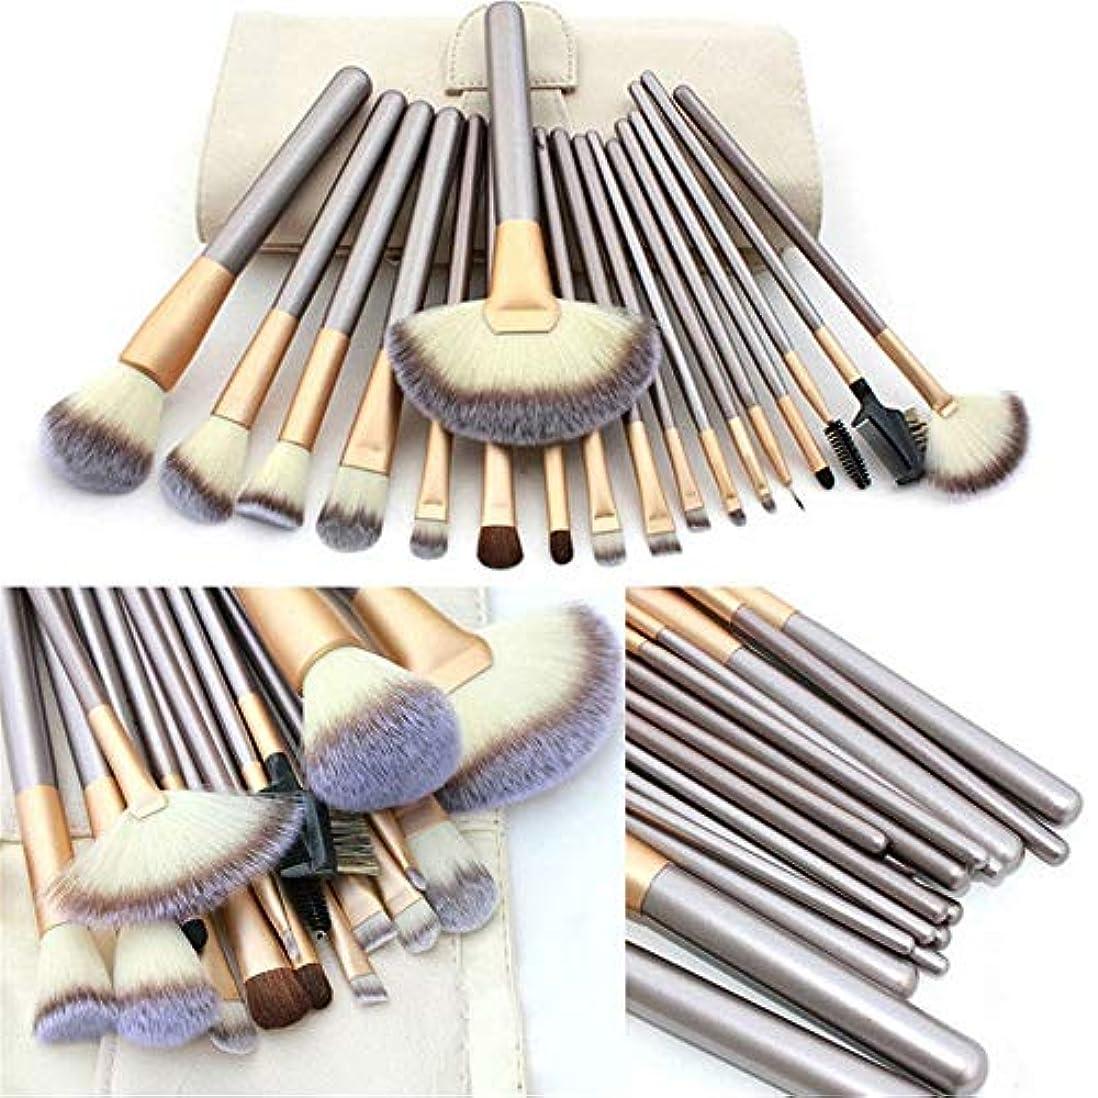 派生する病従事したMakeup brushes ナイロンヘア、PUレザーエクリュメイクアップブラシセットポーチ、18個プロフェッショナルメイクアップブラシカウンターシンク suits (Color : Beige)